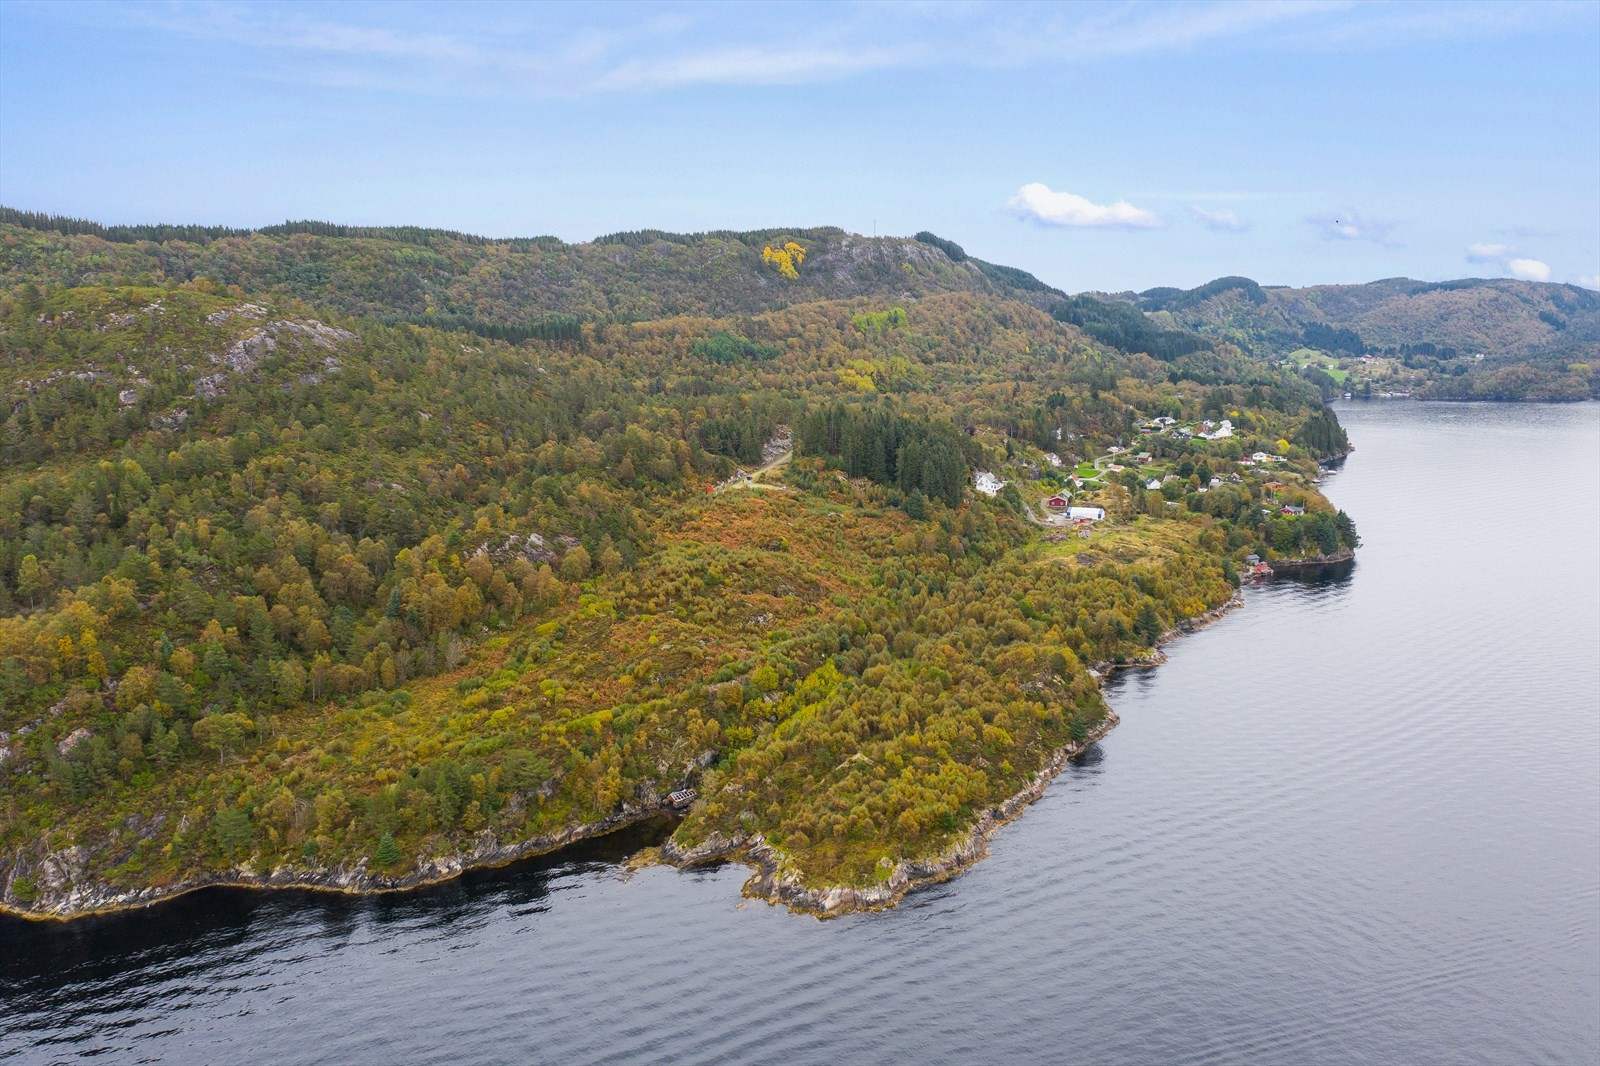 Tomteområdet ligger flott til ved Radsundet i Alver kommune.